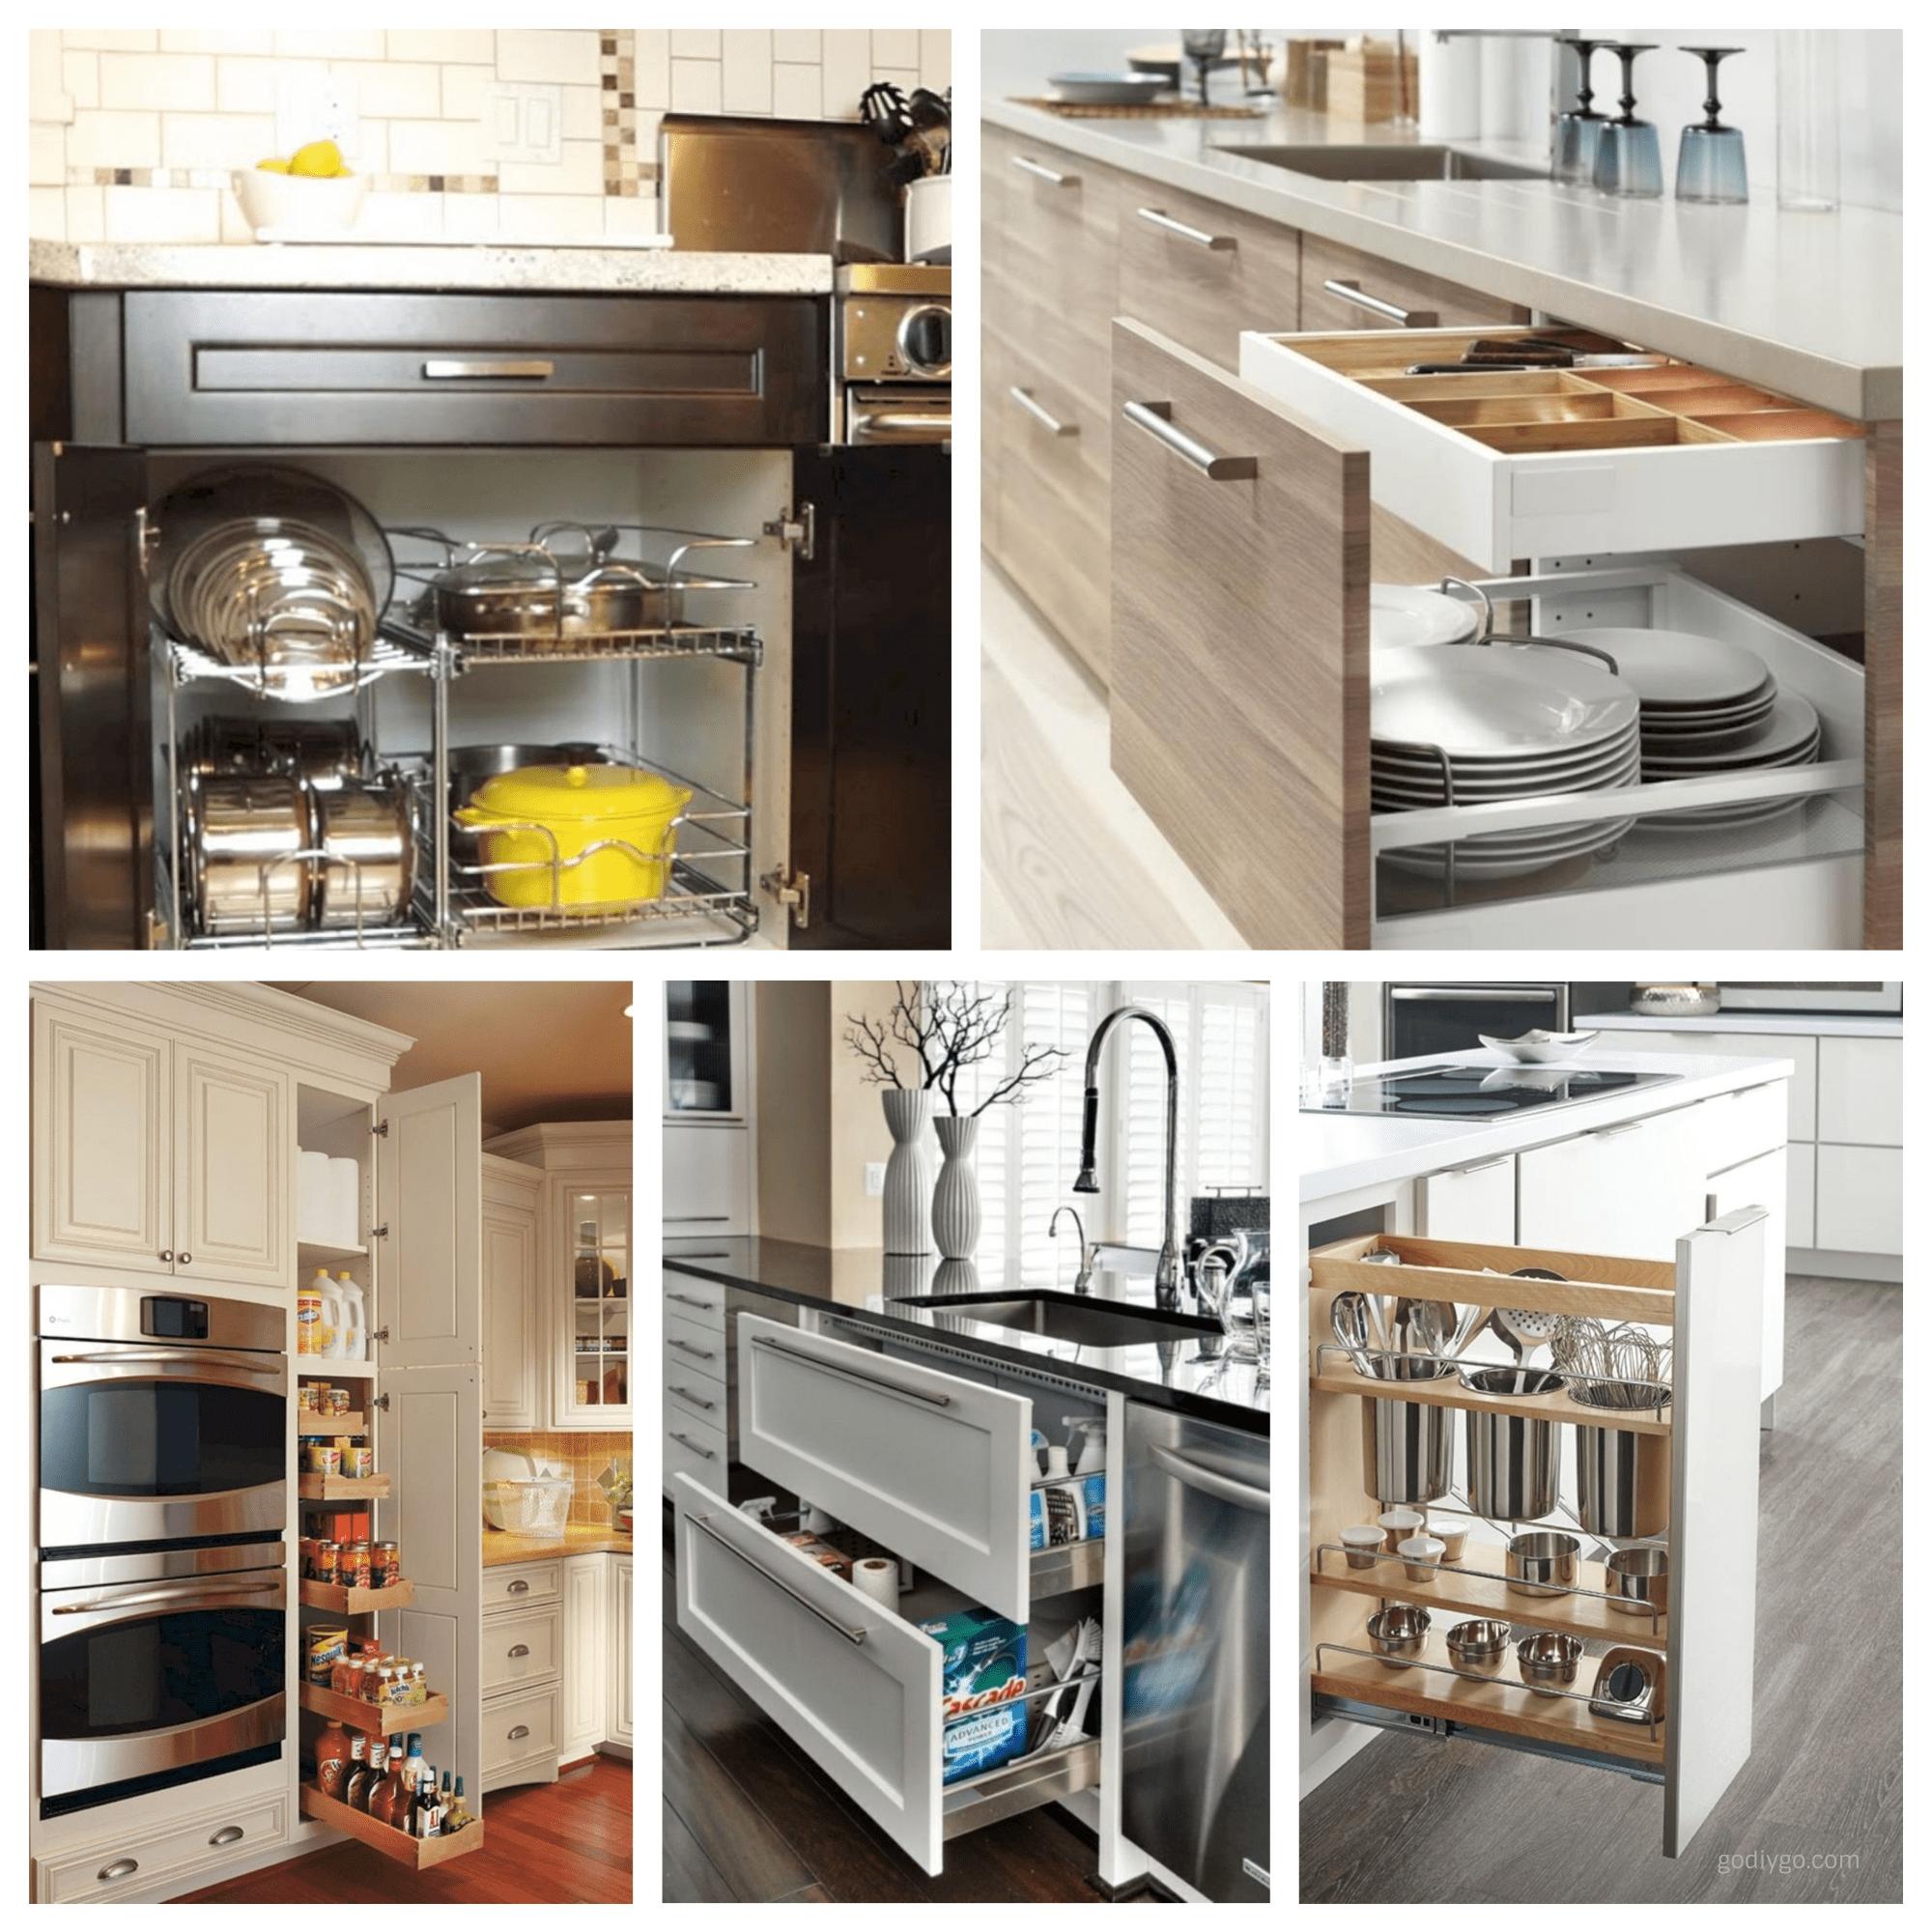 kitchen cabinet organization ideas 44 Smart Kitchen CabiOrganization Ideas   GODIYGO.COM kitchen cabinet organization ideas